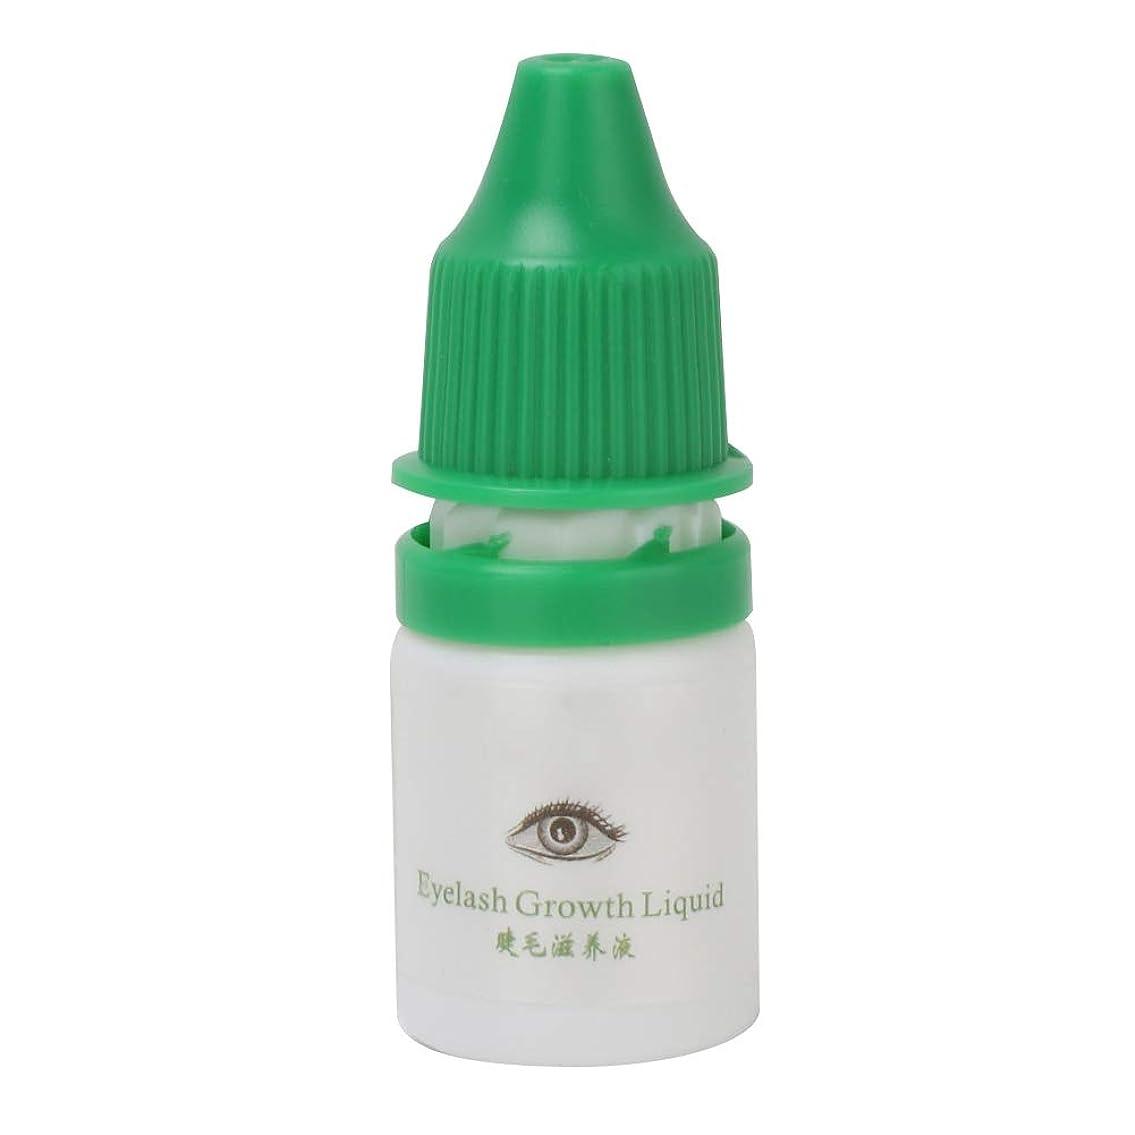 ウナギフォーカス守るまつげ栄養のある美容液(まつげ - グリーン)